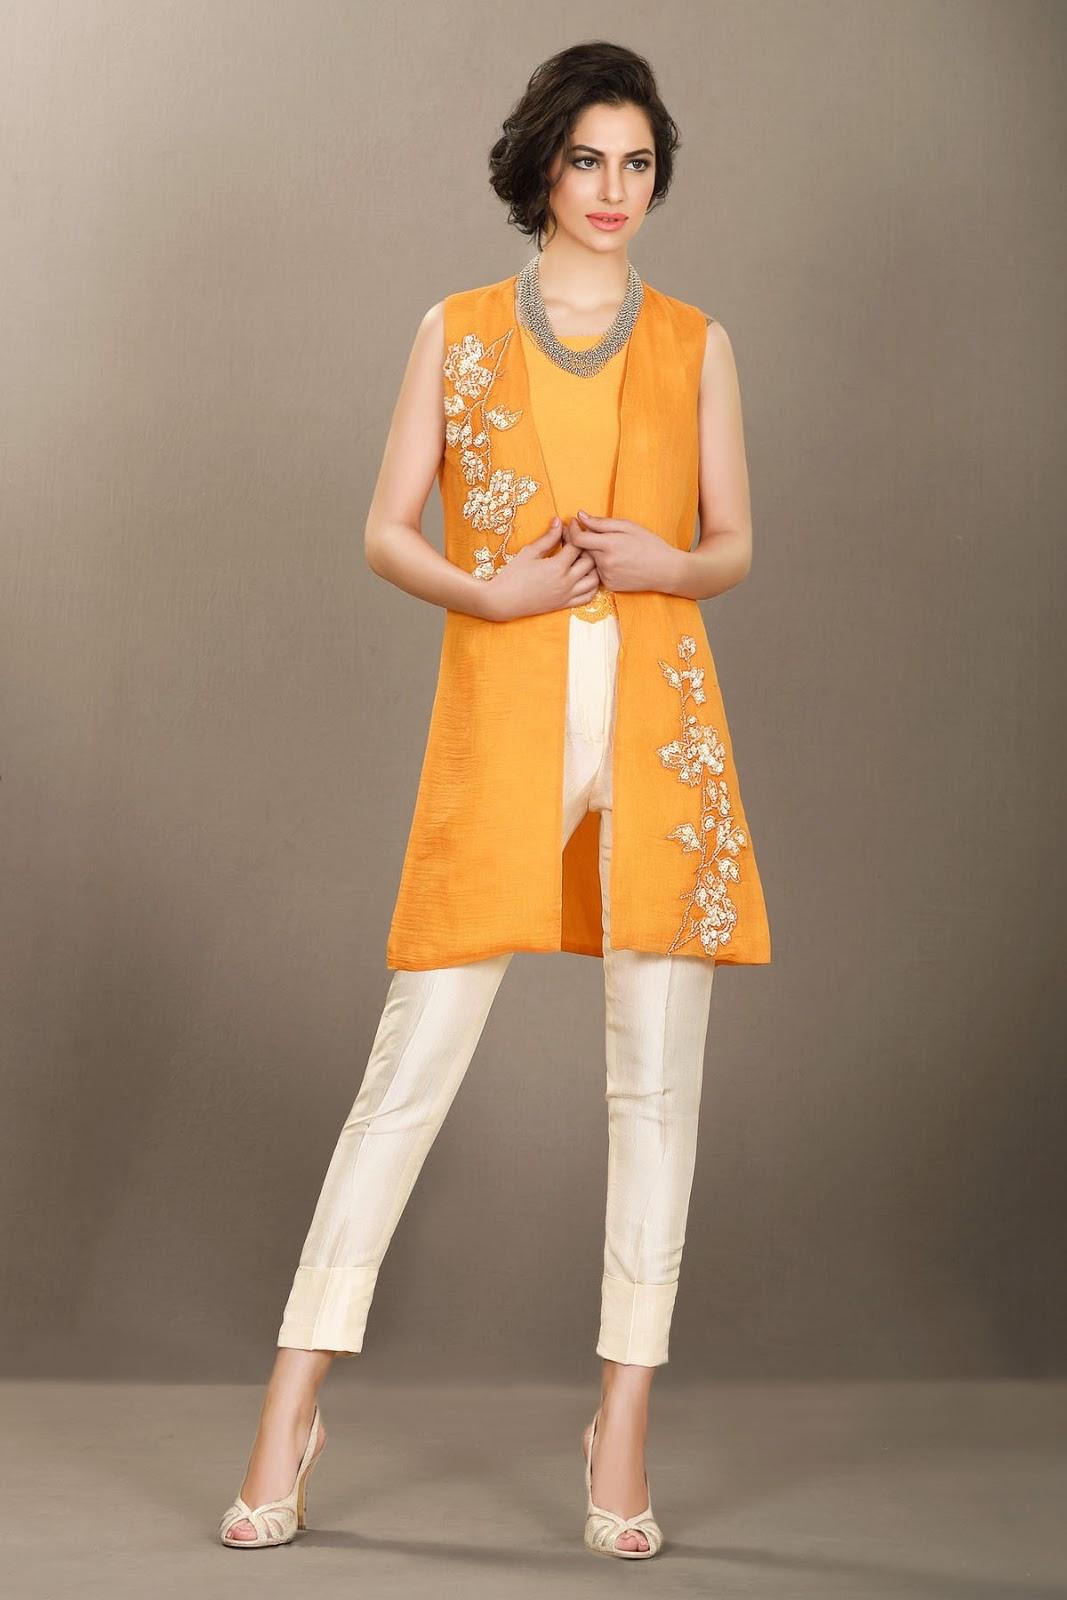 """Résultat de recherche d'images pour """"البرتقال يتحول إلى ملابس في صقلية"""""""